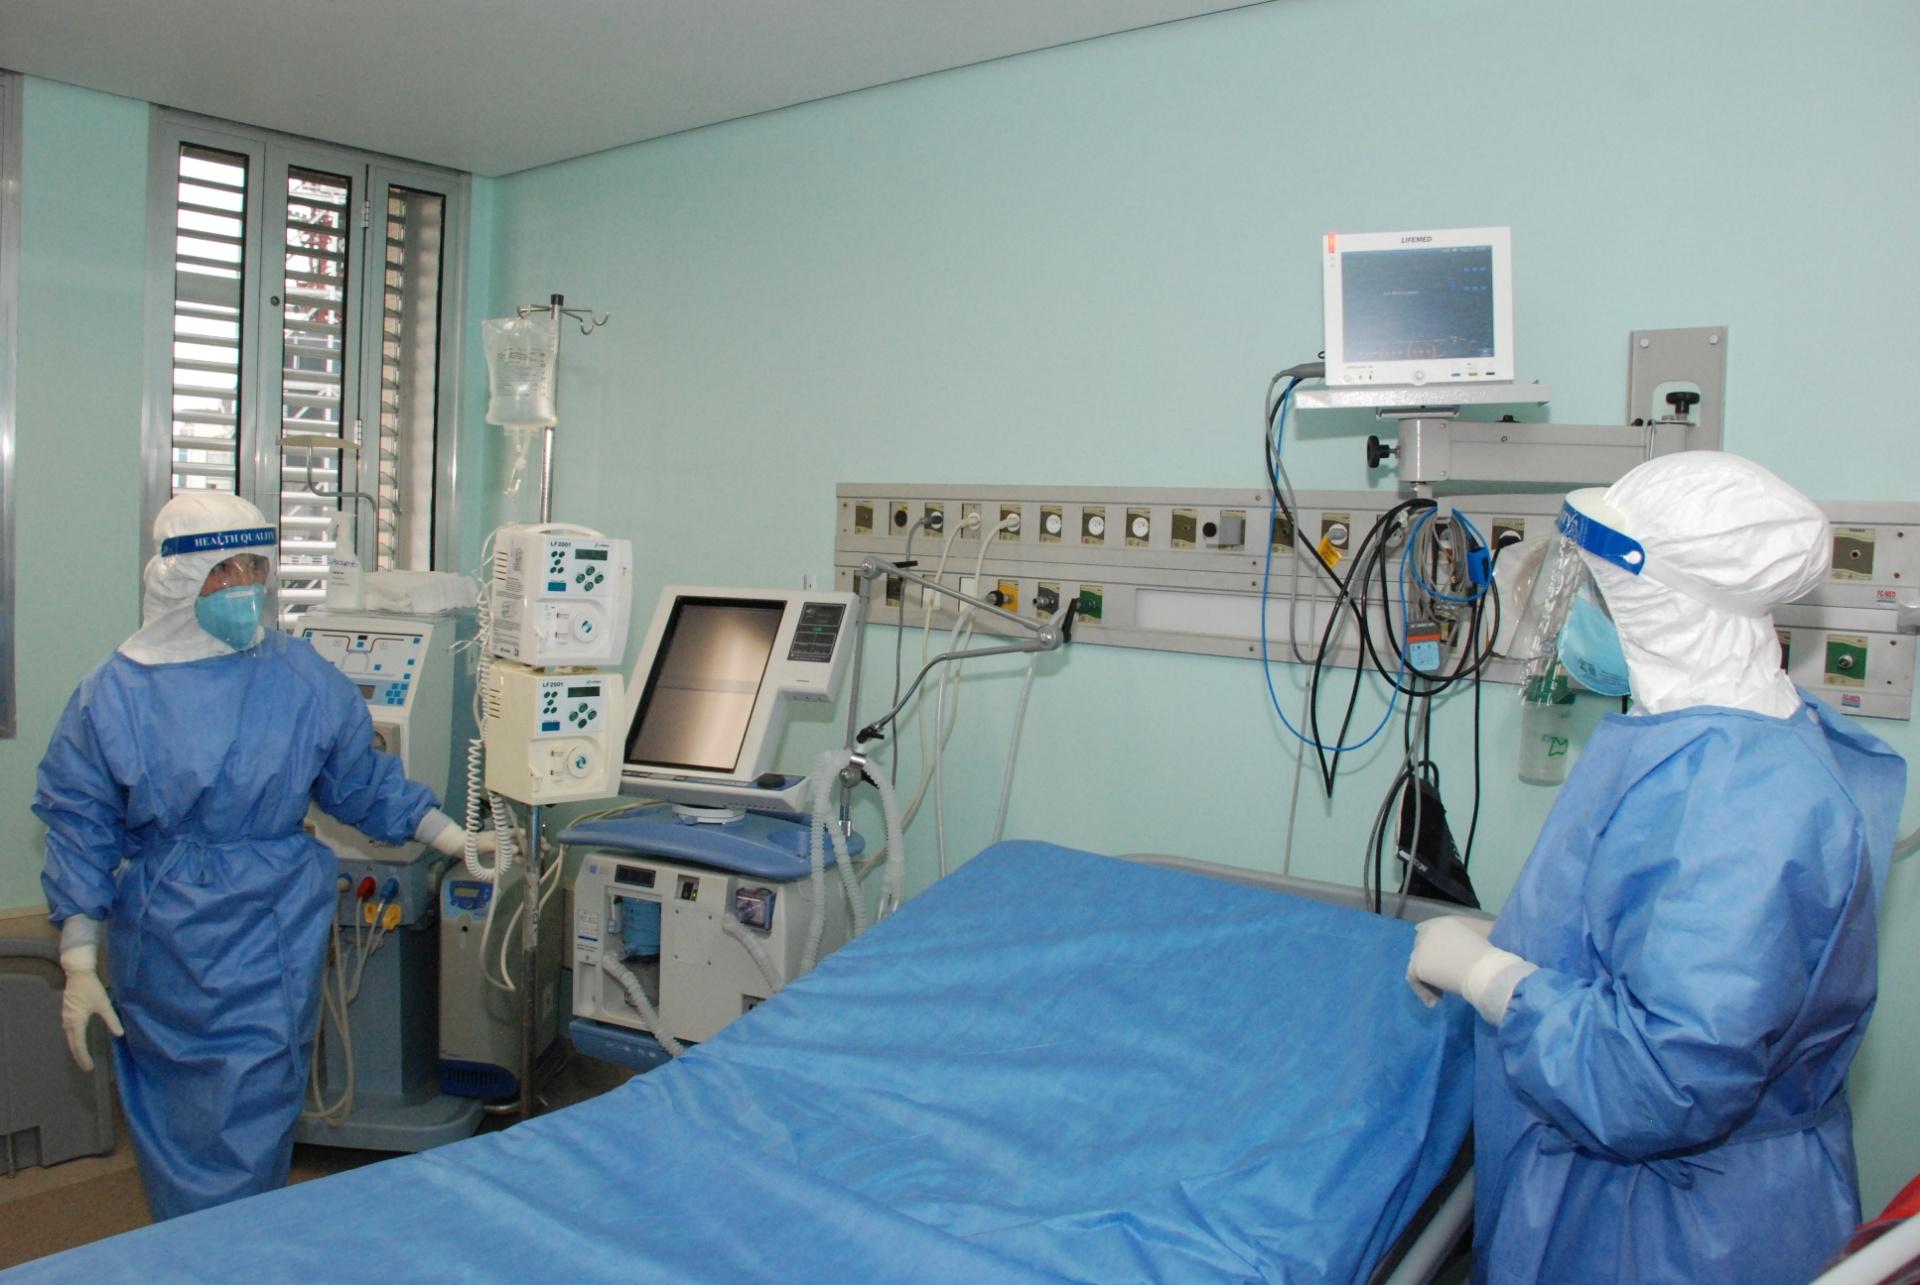 16.set.2014 - 16.set.2014 - O objetivo da simulação é testar o planejamento feito pelos técnicos caso algum paciente com o vírus ebola precise de atendimento ao chegar ao Brasil